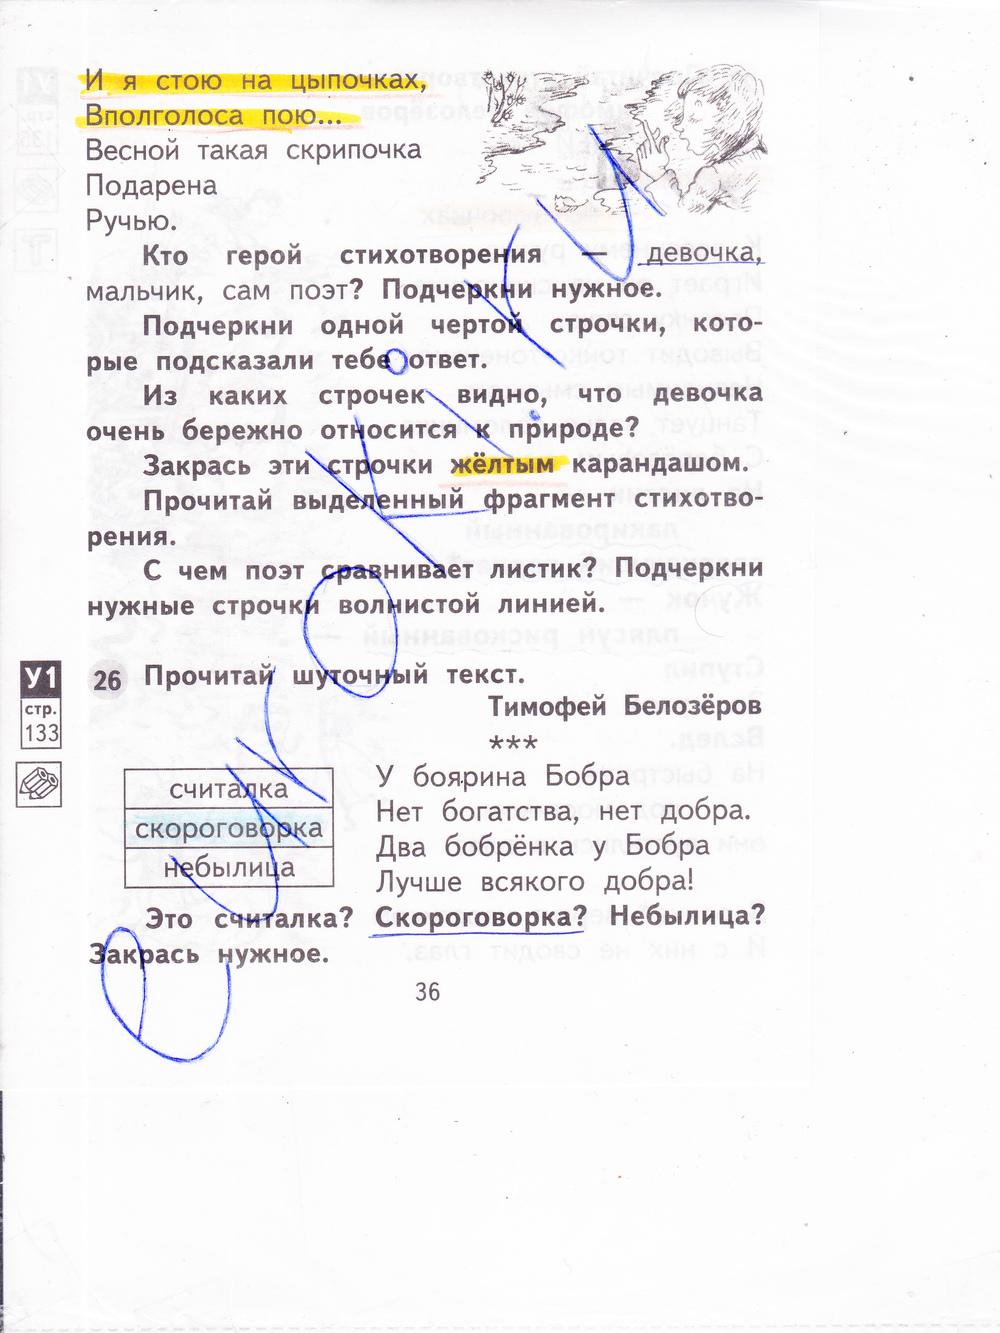 ГДЗ по литературному чтению 2 класс рабочая тетрадь Малаховская Часть 1, 2. Задание: стр. 36